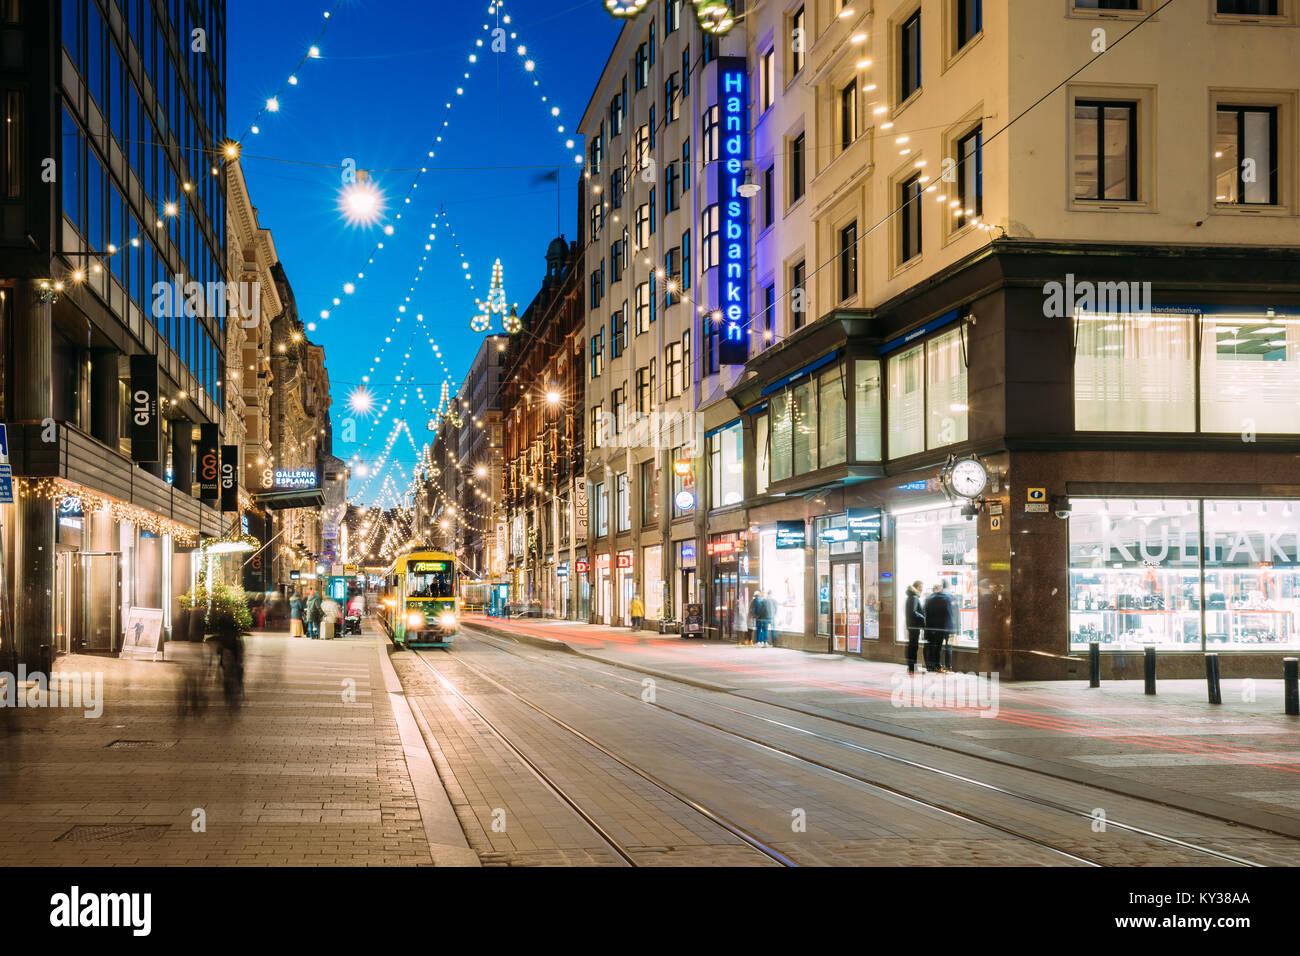 Helsinki, Finland - December 6, 2016: Tram Departs From Stop On Aleksanterinkatu Street. Street With Railroad In - Stock Image